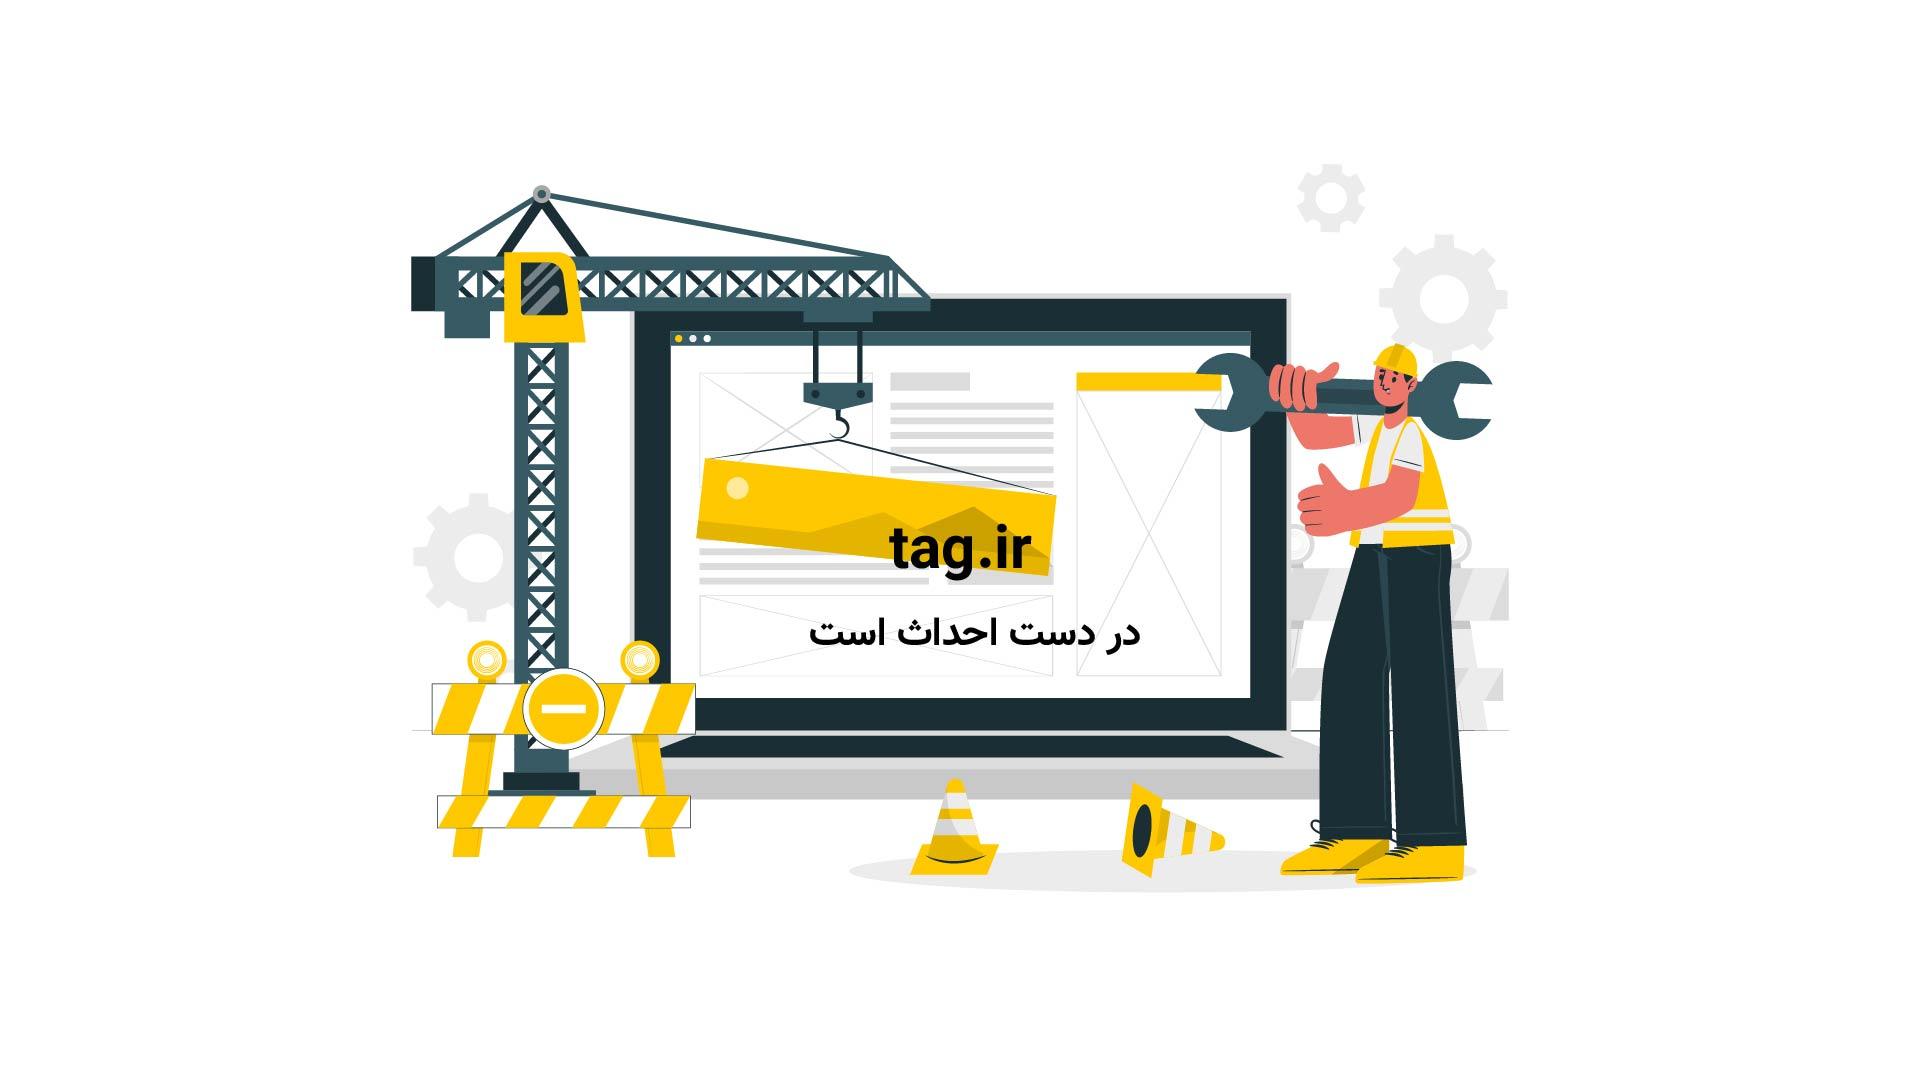 گزیده مسابقه رالی قهرمانی جهان فصل 2016 در فرانسه + فیلم